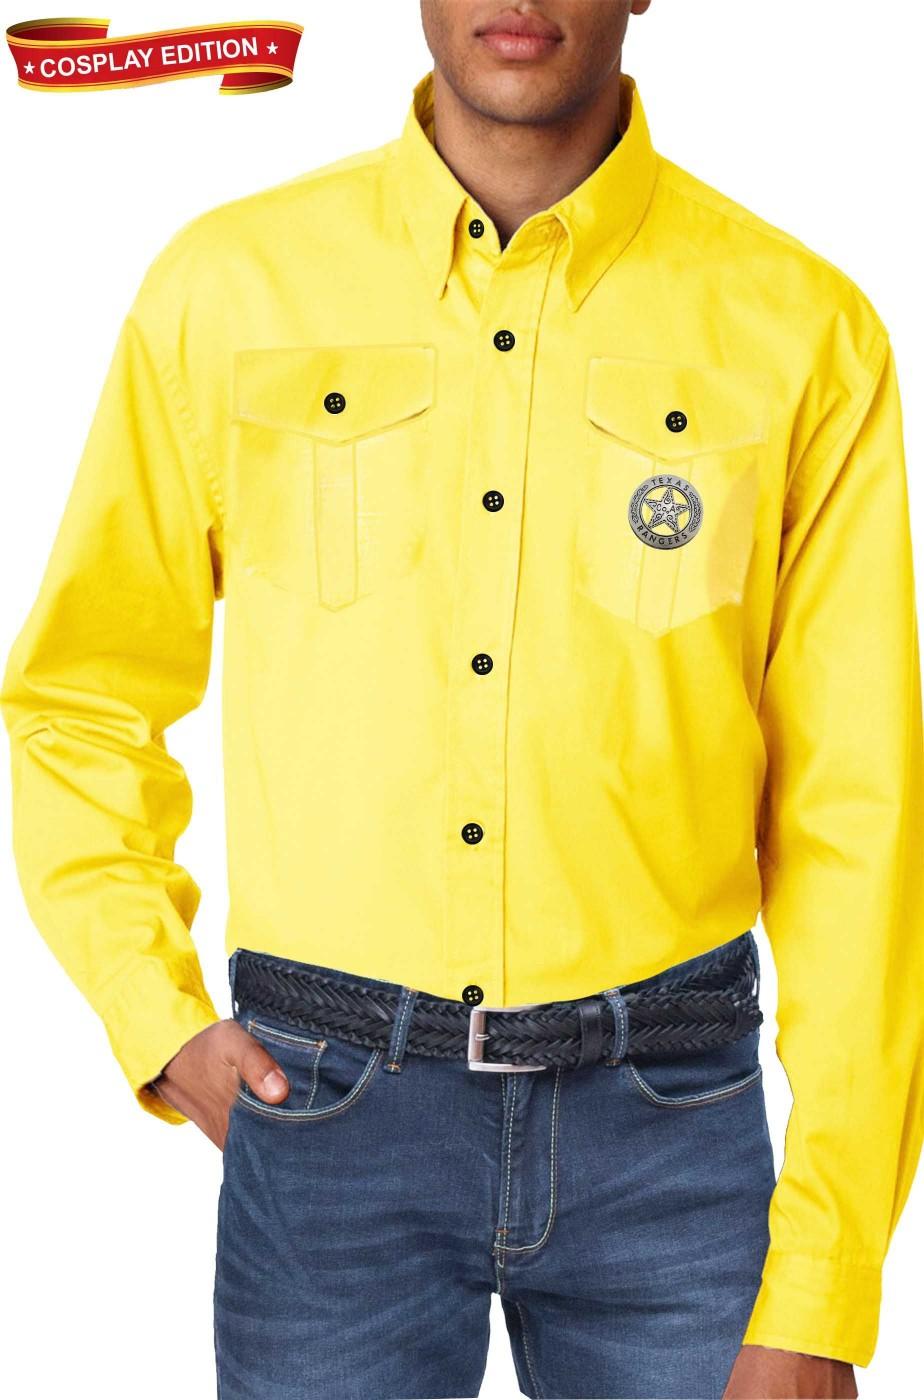 Camicia gialla replica Tex Willer con spilla Texas Rangers